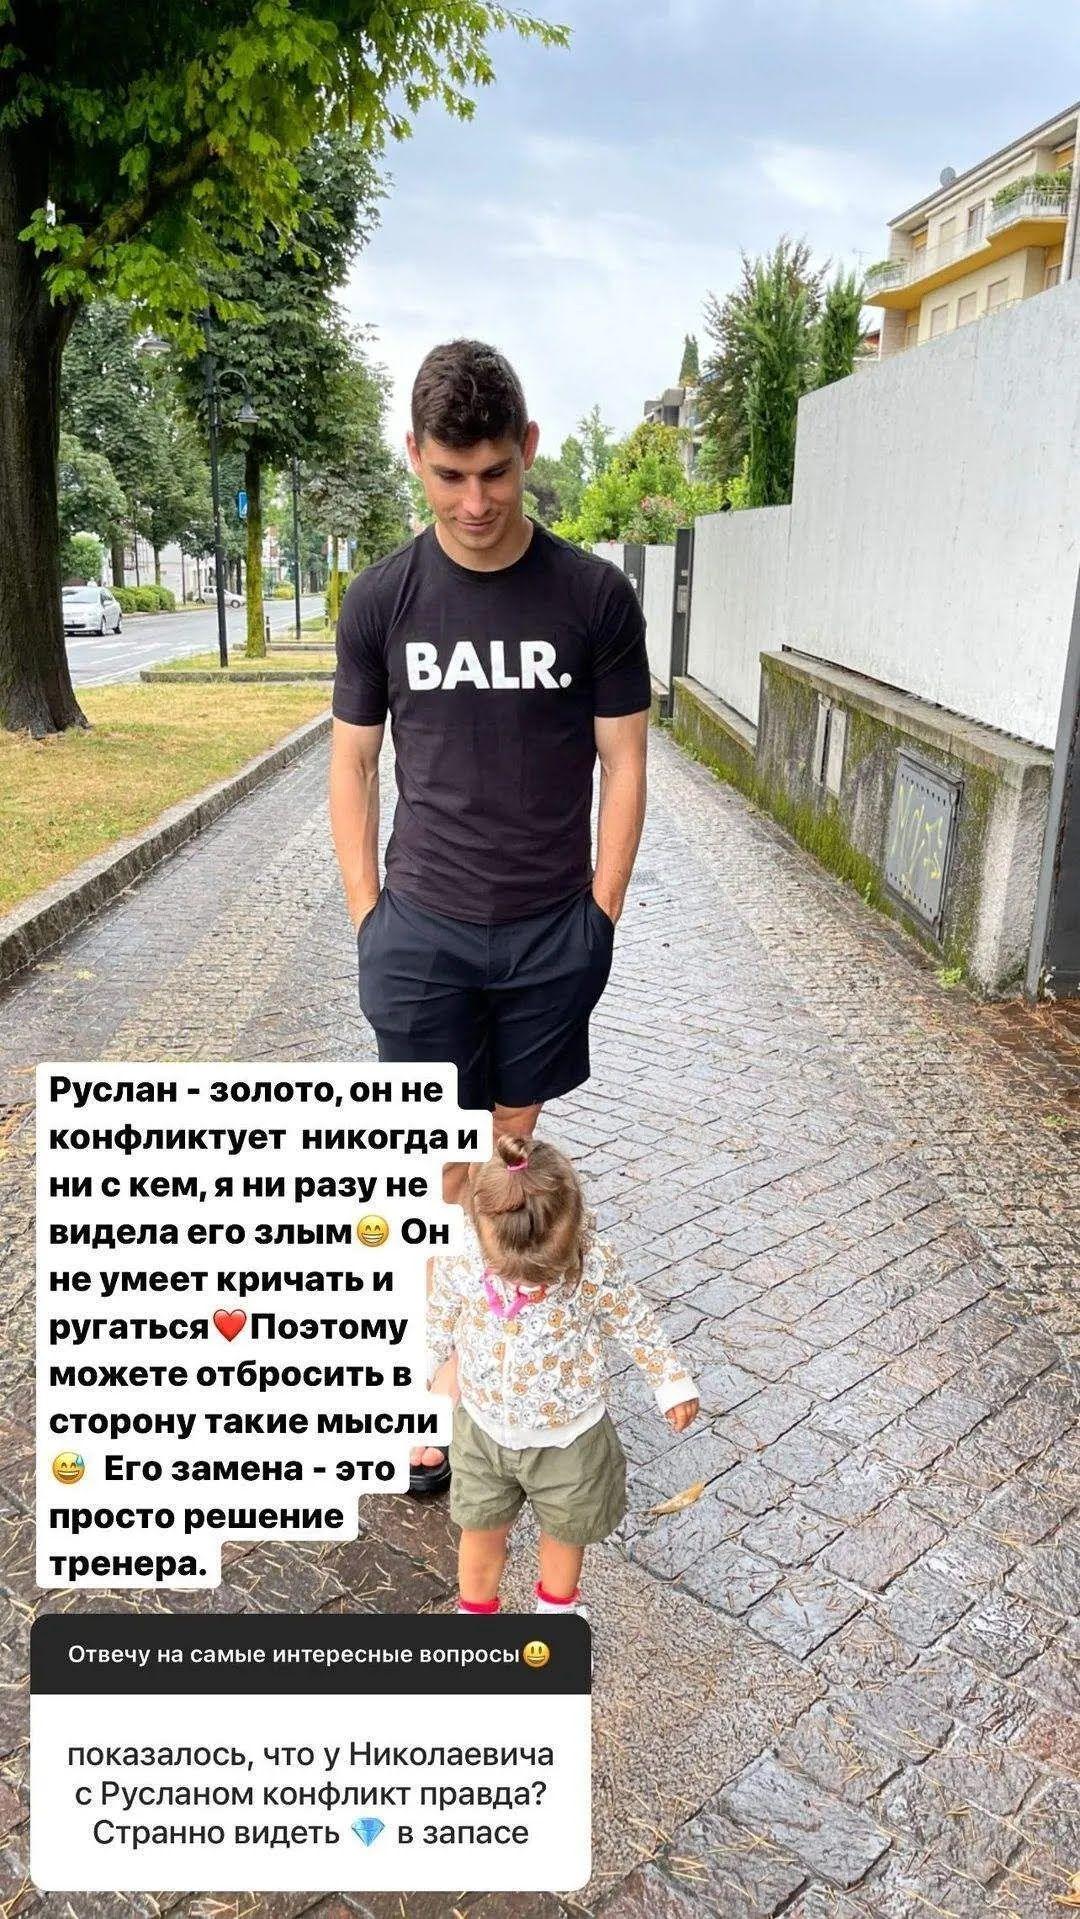 Дружина українського футболіста спростувала чутки про конфлікт